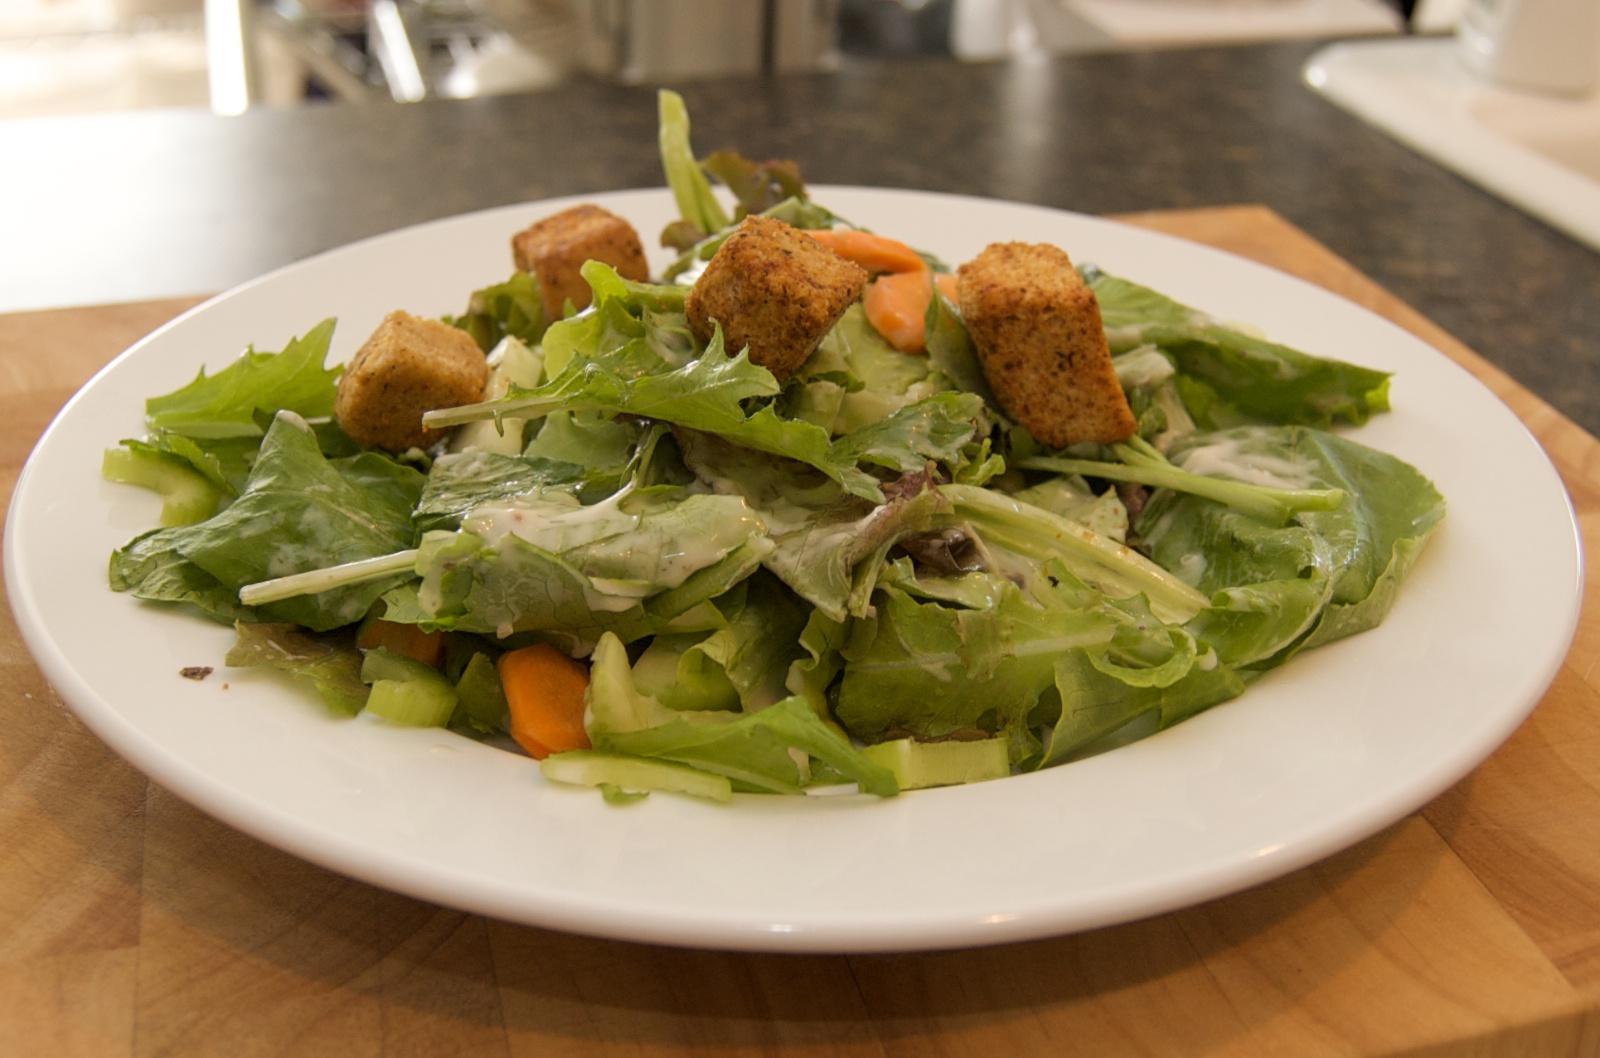 http://blog.rickk.com/food/2010/07/15/salad21.jpg